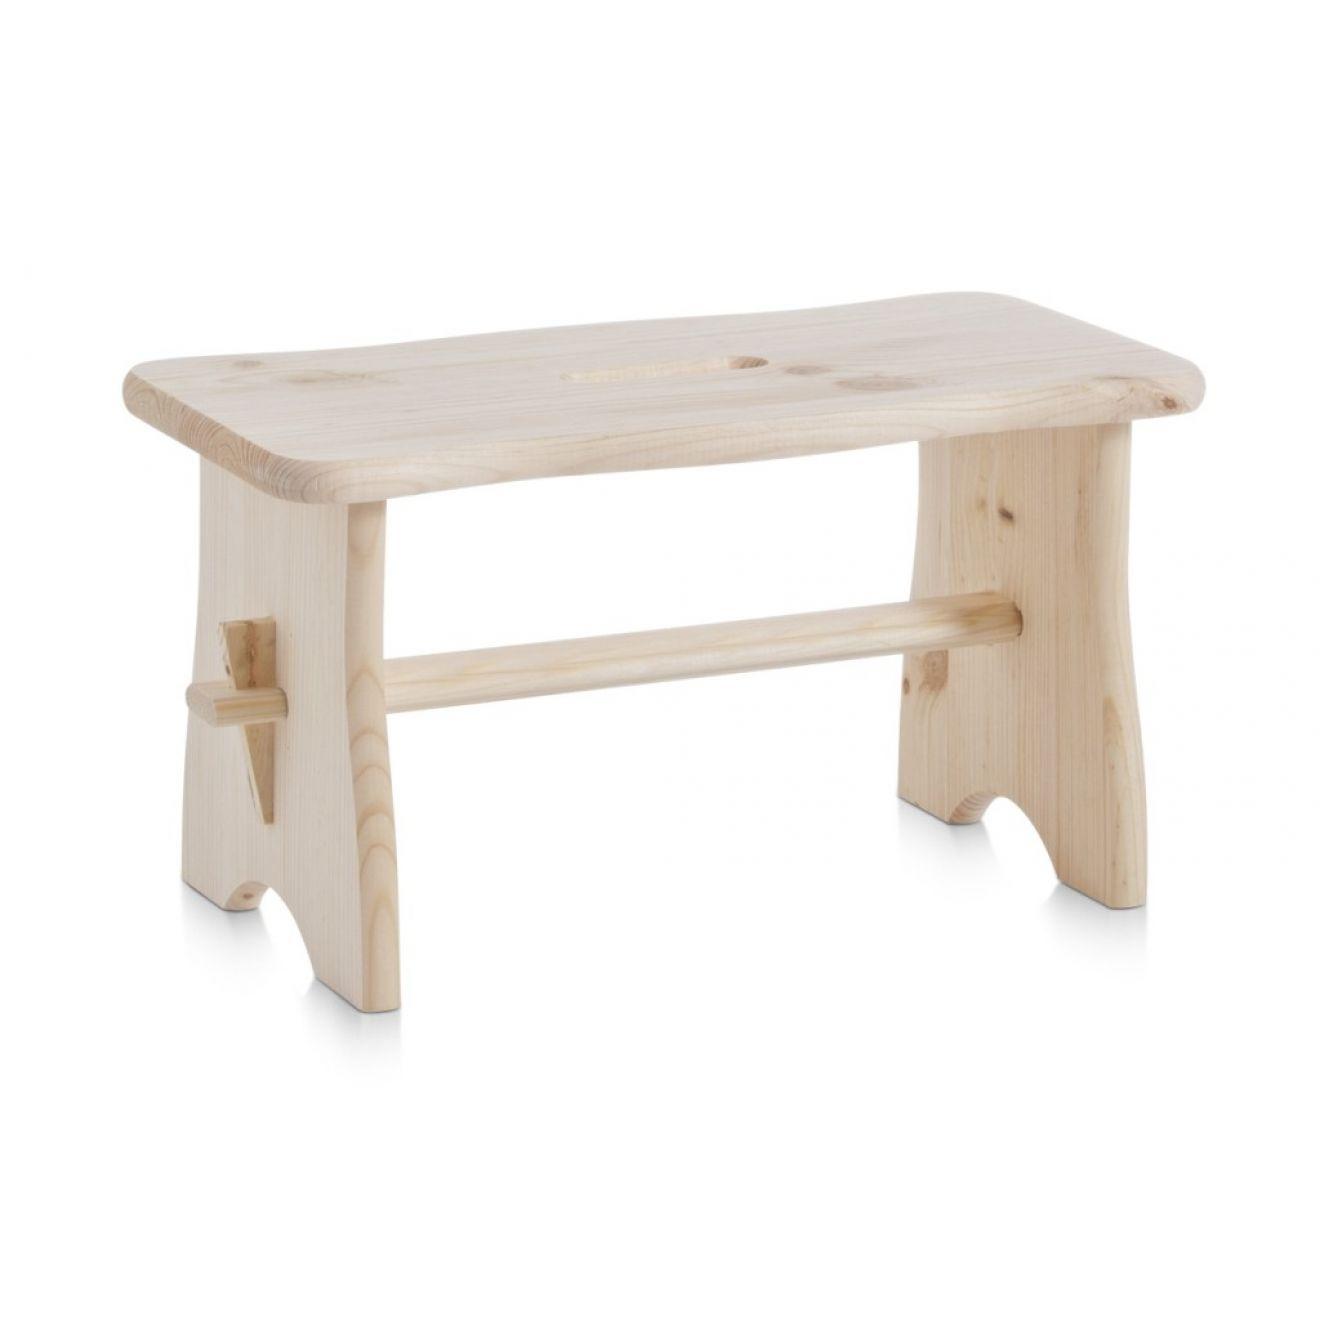 fu hocker holz hocker tritthocker schemel wertprodukte. Black Bedroom Furniture Sets. Home Design Ideas